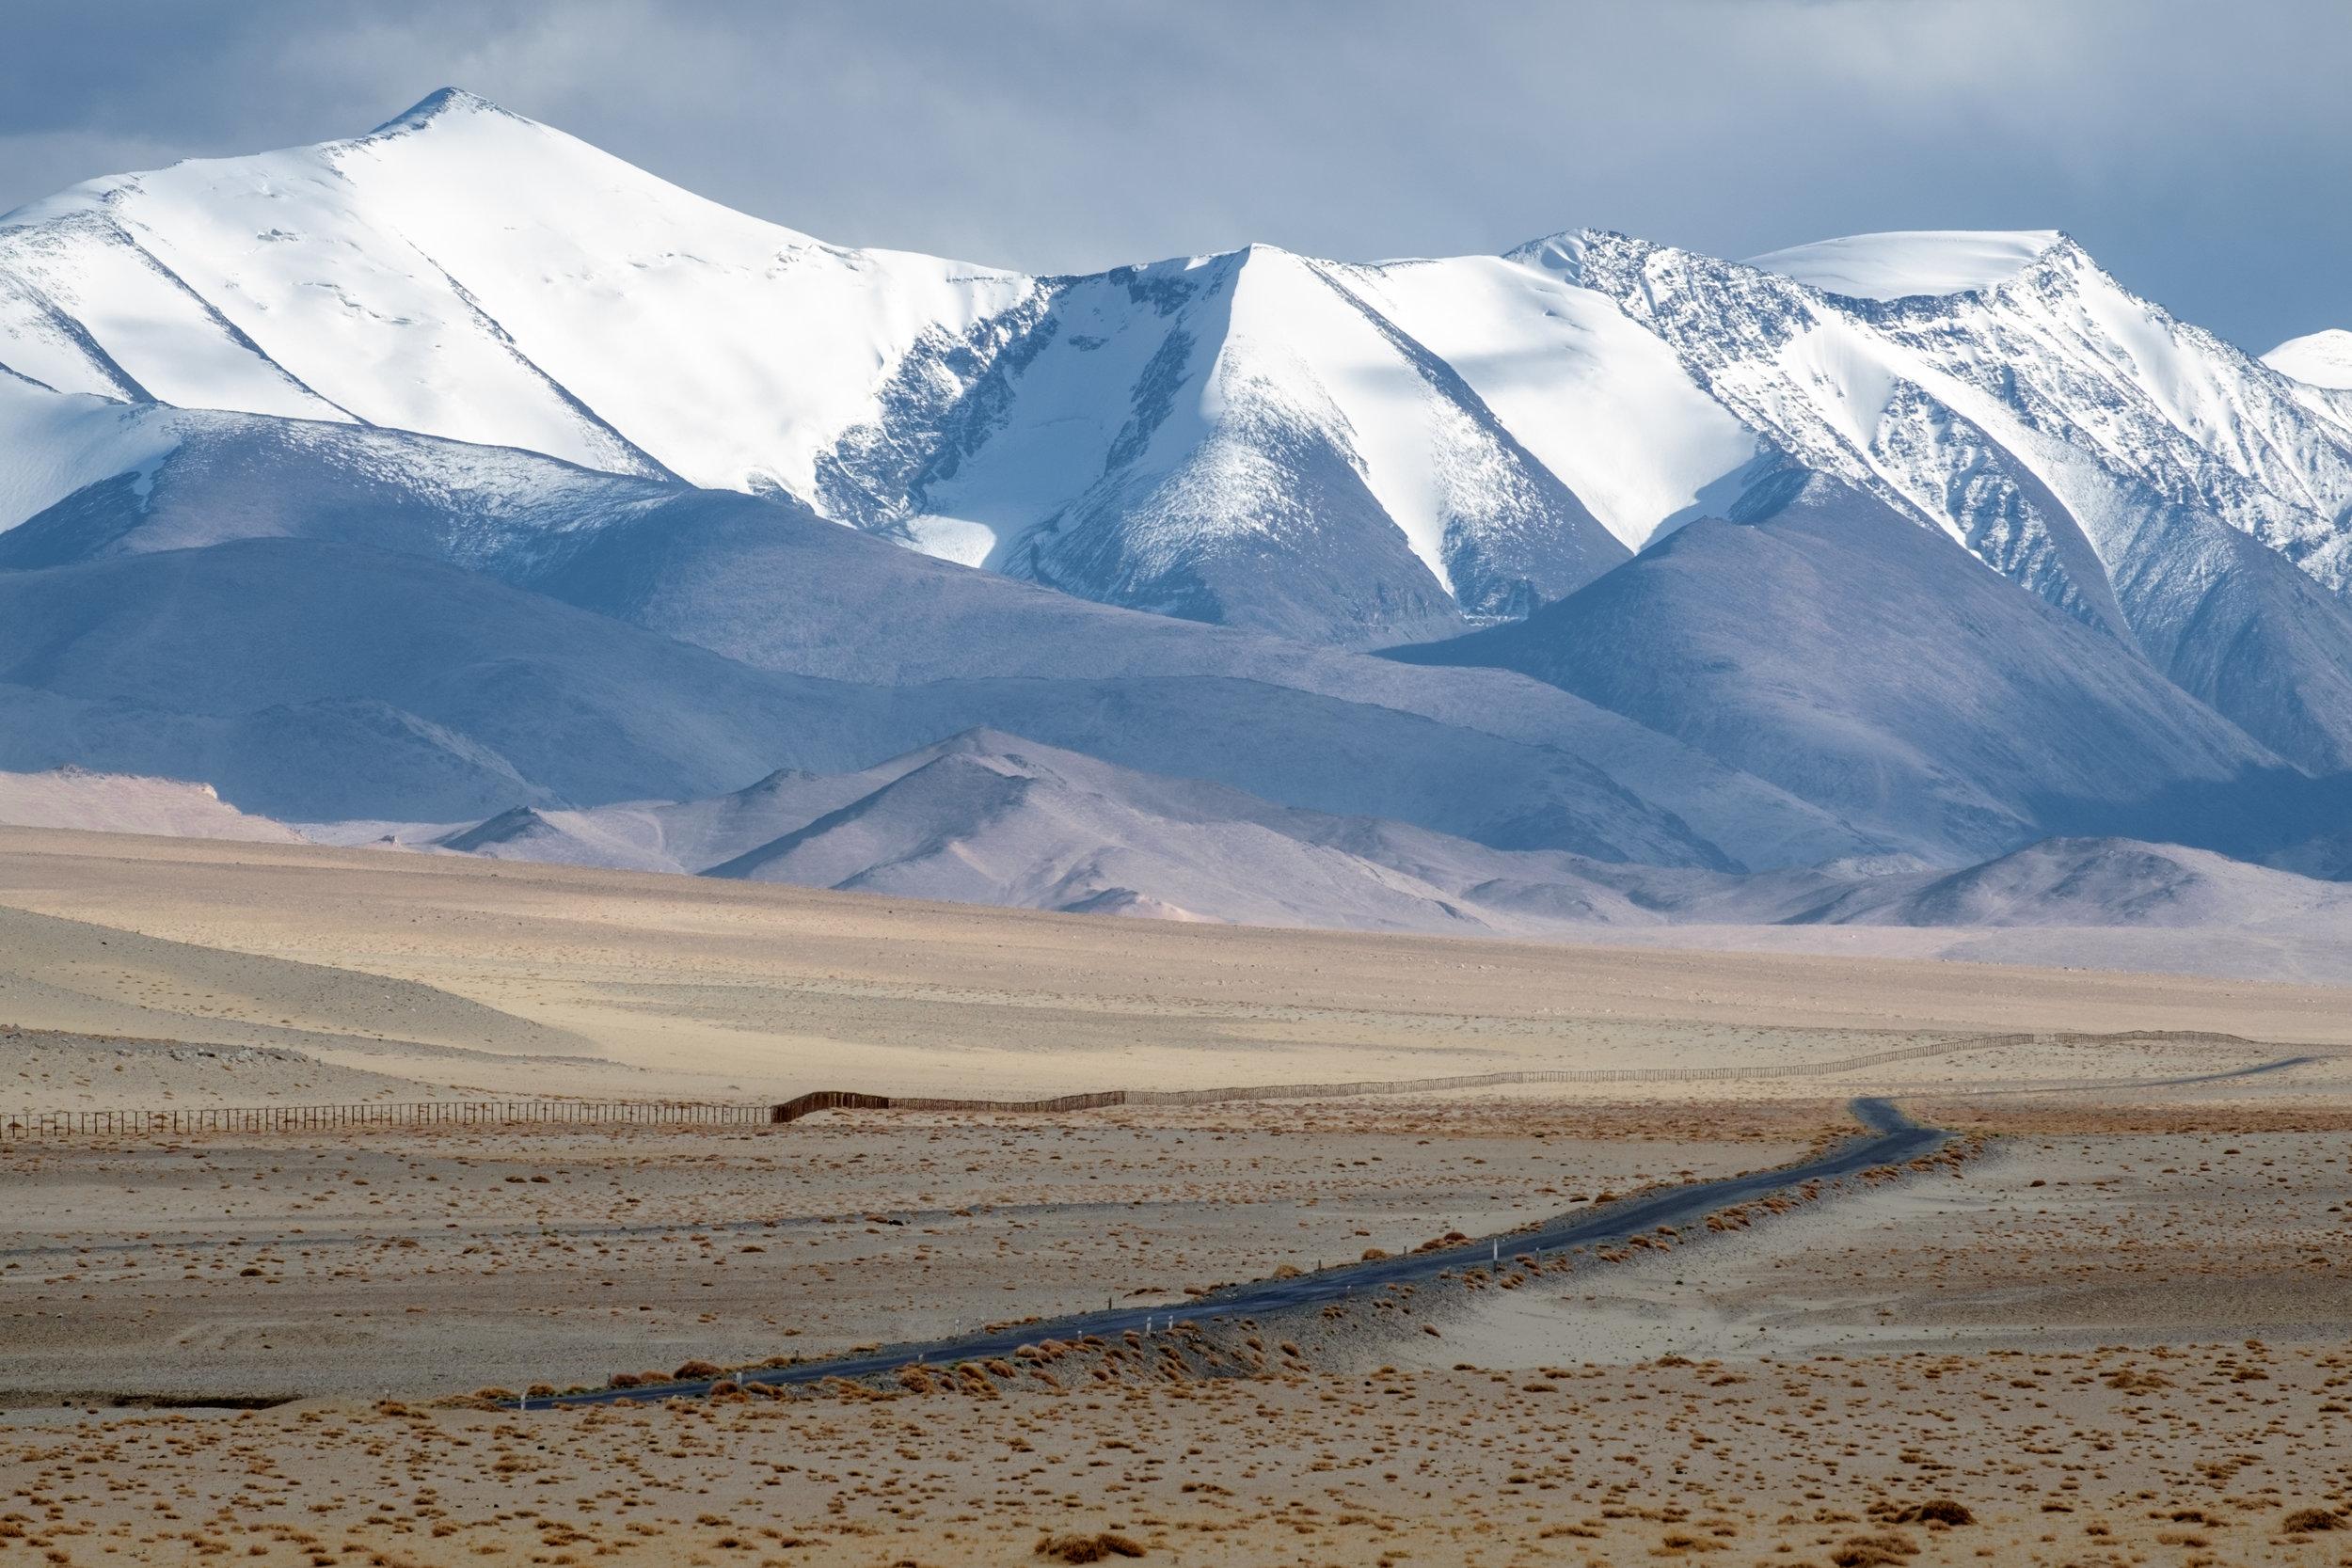 Les derniers kilomètres au Tadjikistan suivent la frontière chinoise.